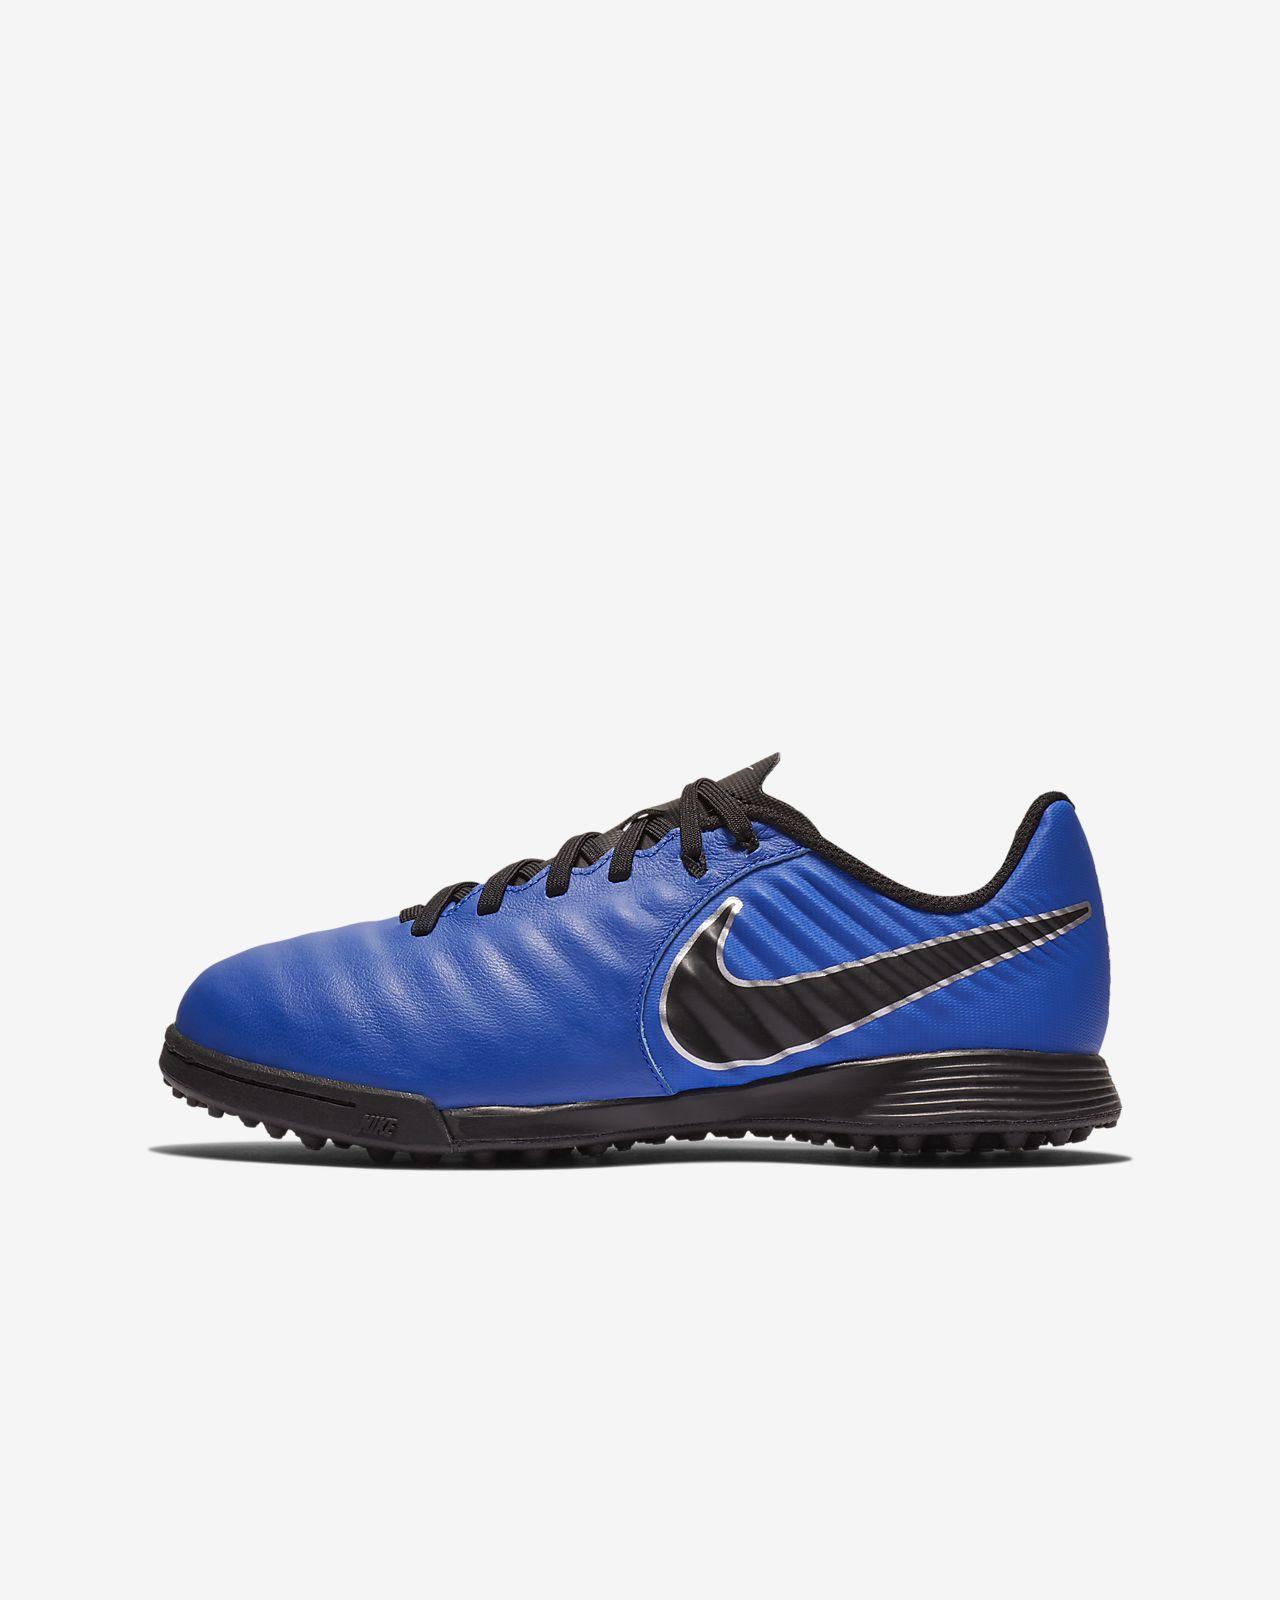 Nike Jr. Tiempo Legend VII Academy TF Botas de fútbol para moqueta - Turf - 0a5f8b98e6fa2